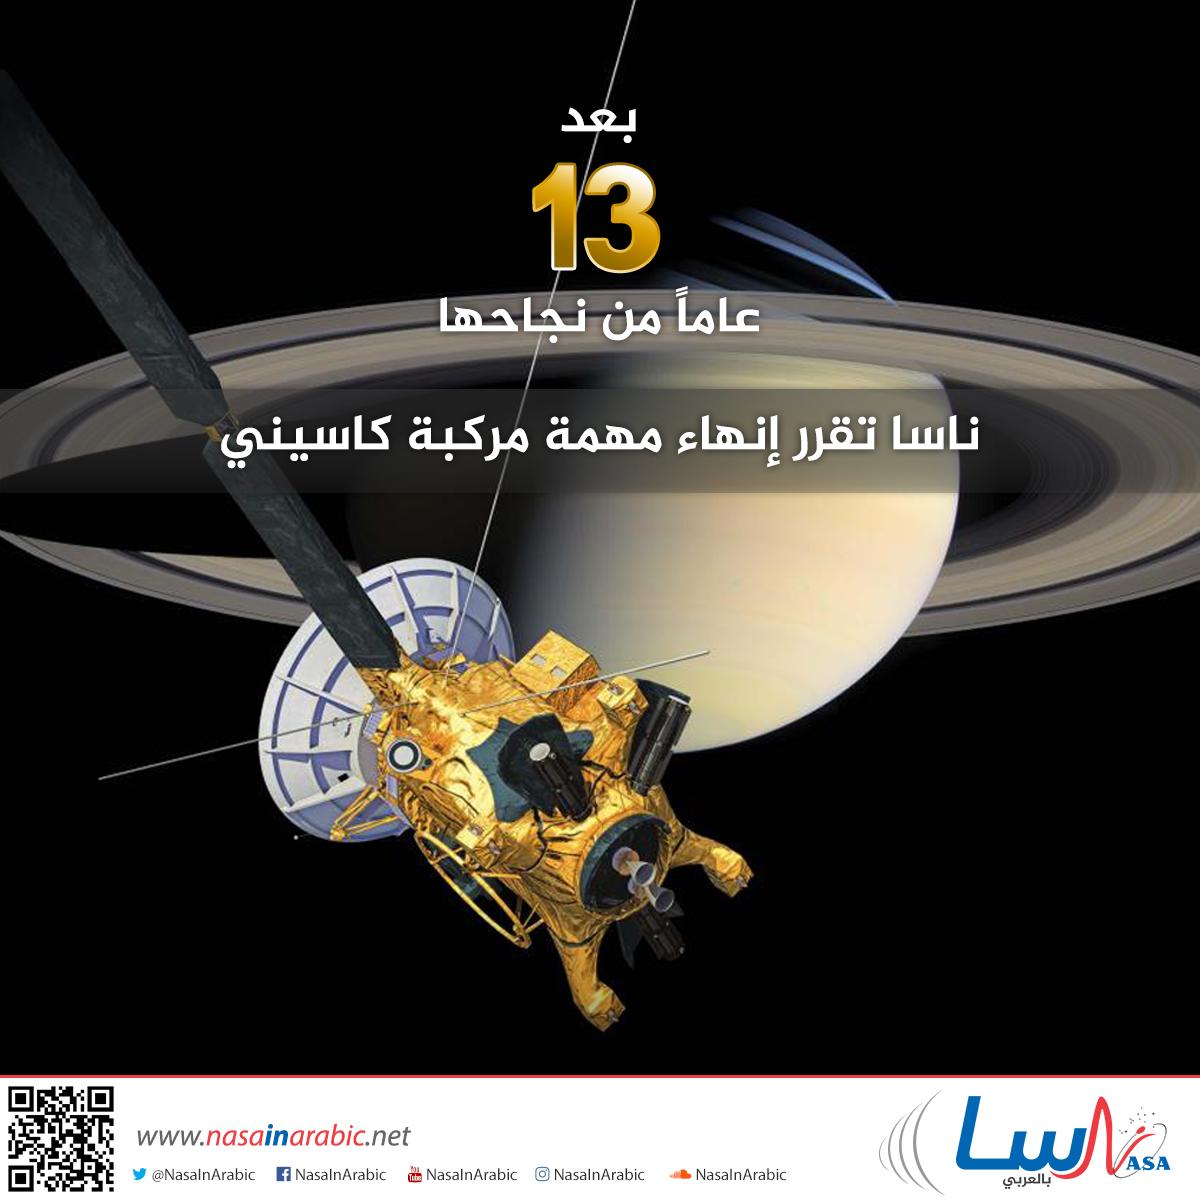 بعد 13 عاماً من نجاحها، ناسا تقرر إنهاء مهمة مركبة كاسيني